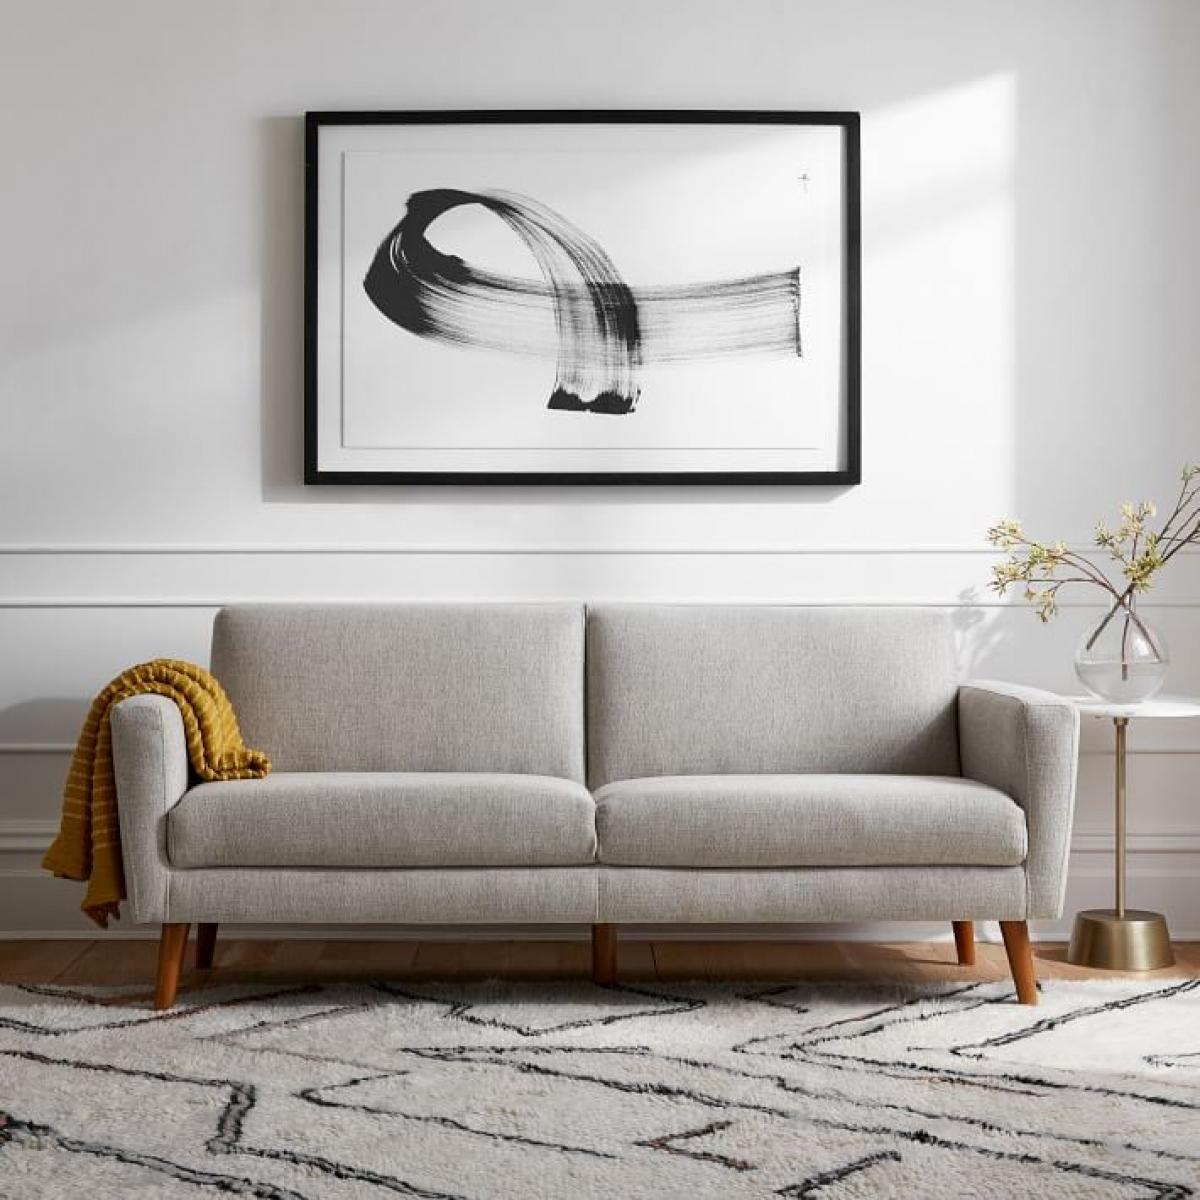 Kích thước sofa là điều quan trọng nhất khi chọn mua nếu bạn có không gian hẹp. Nên chọn loại sofa có chân, vừa dễ vệ sinh lại tạo cảm giác thoáng đãng hơn.